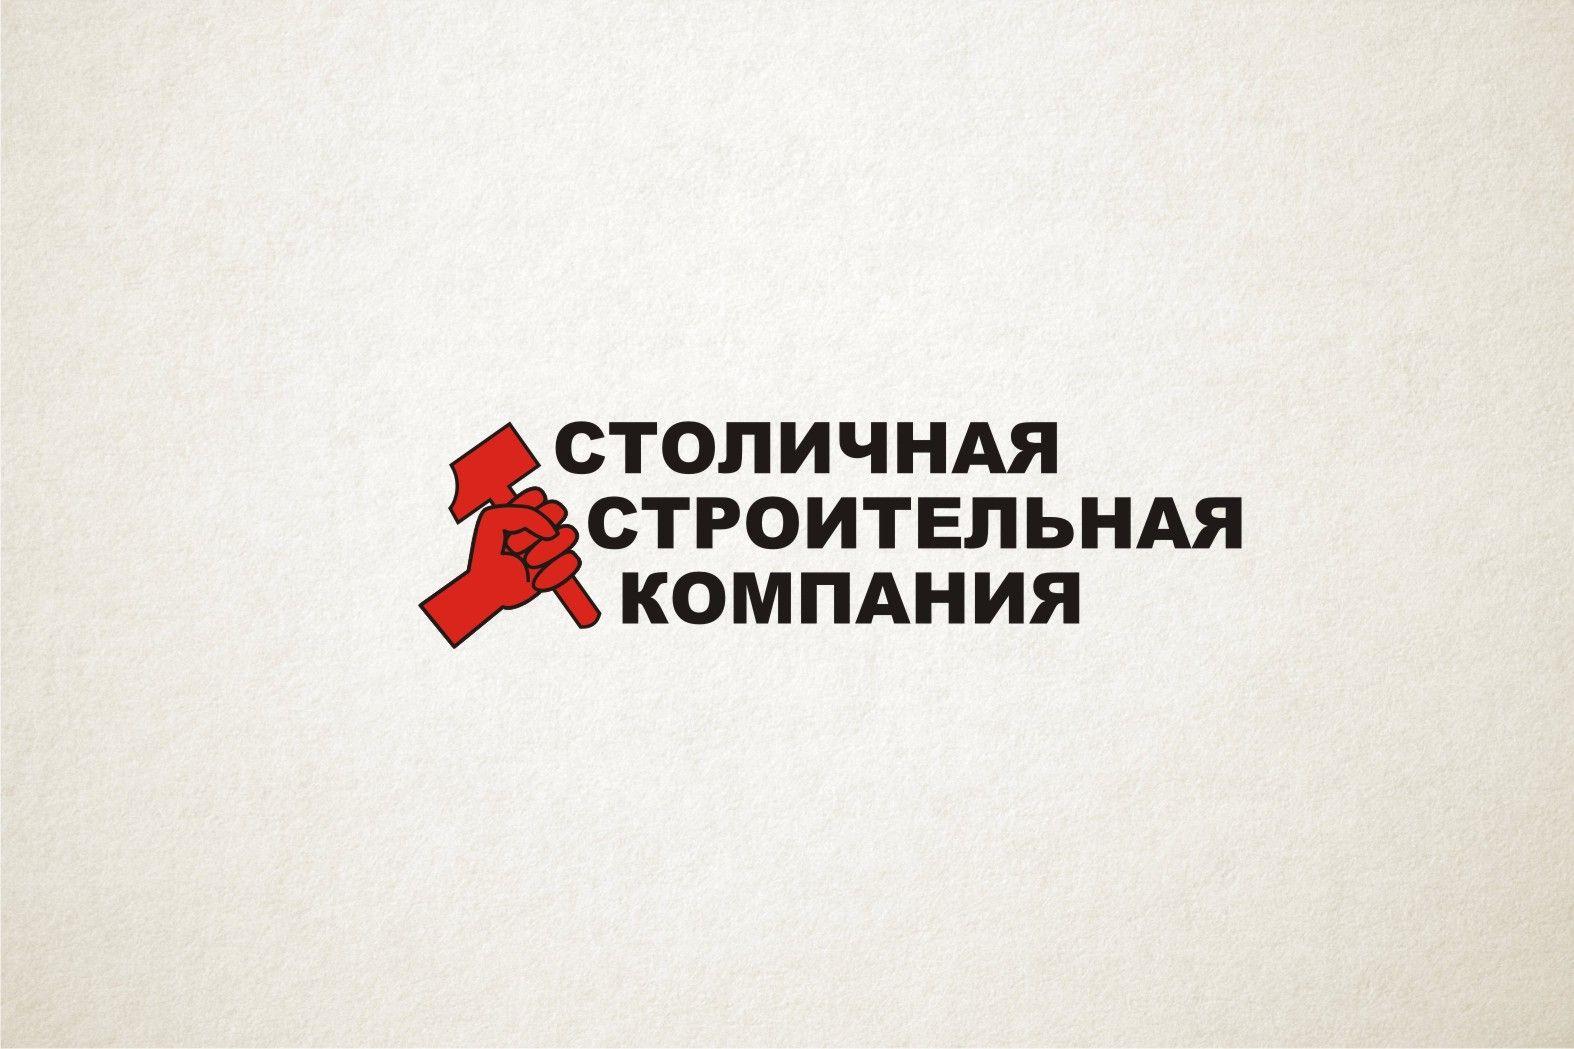 Лого и Фирменный стиль - дизайнер Evgenia_021